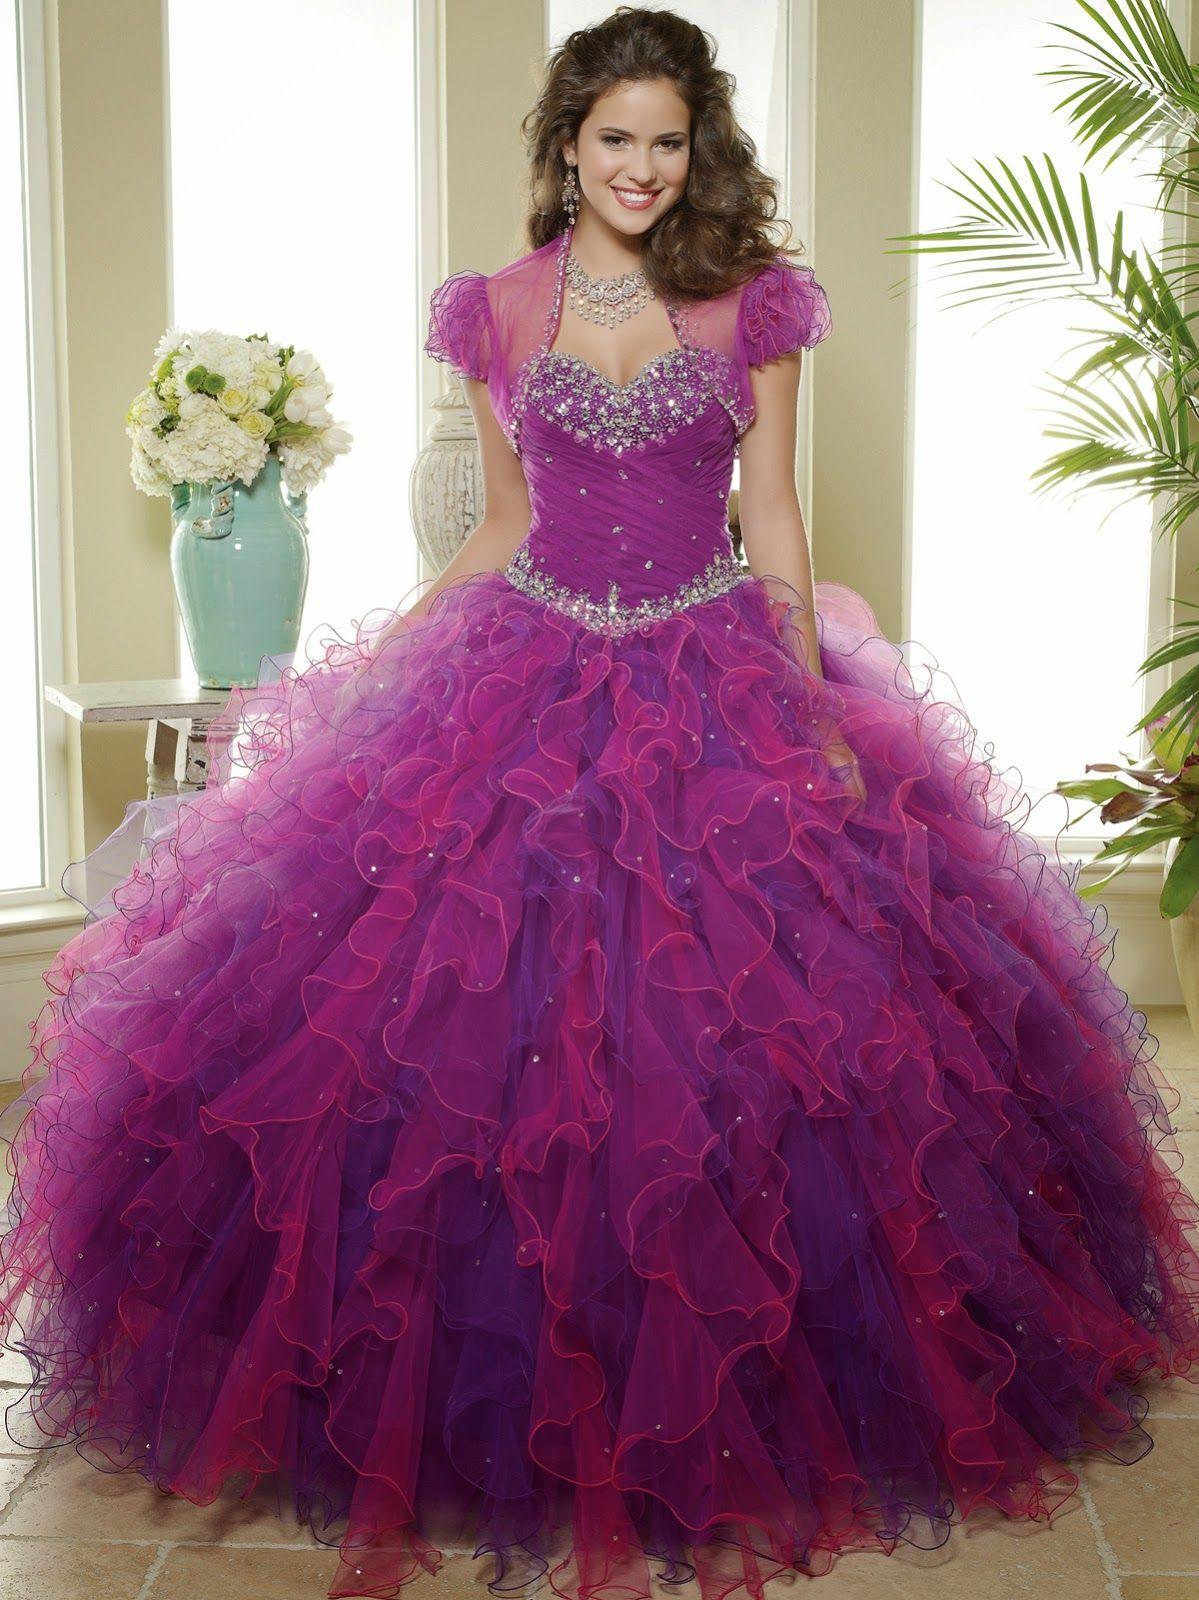 Estupendos vestidos de fiesta de 15 años | Colección 2014 | Pattys ...